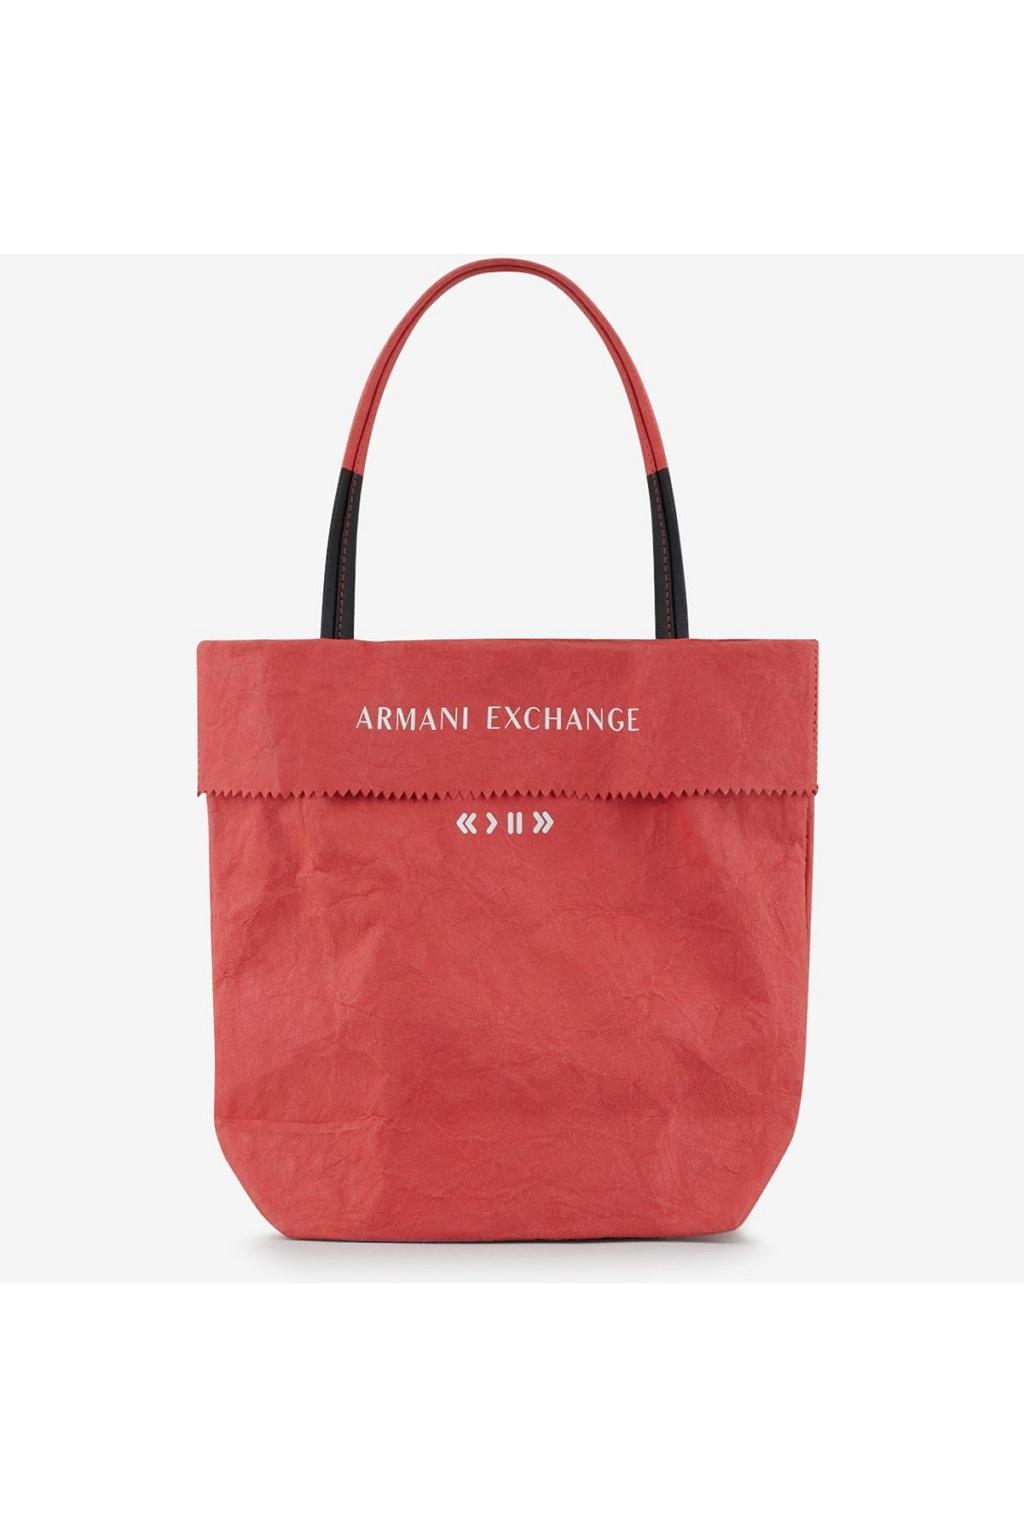 Dámská kabelka Armani Exchange 942772 1A715 červená